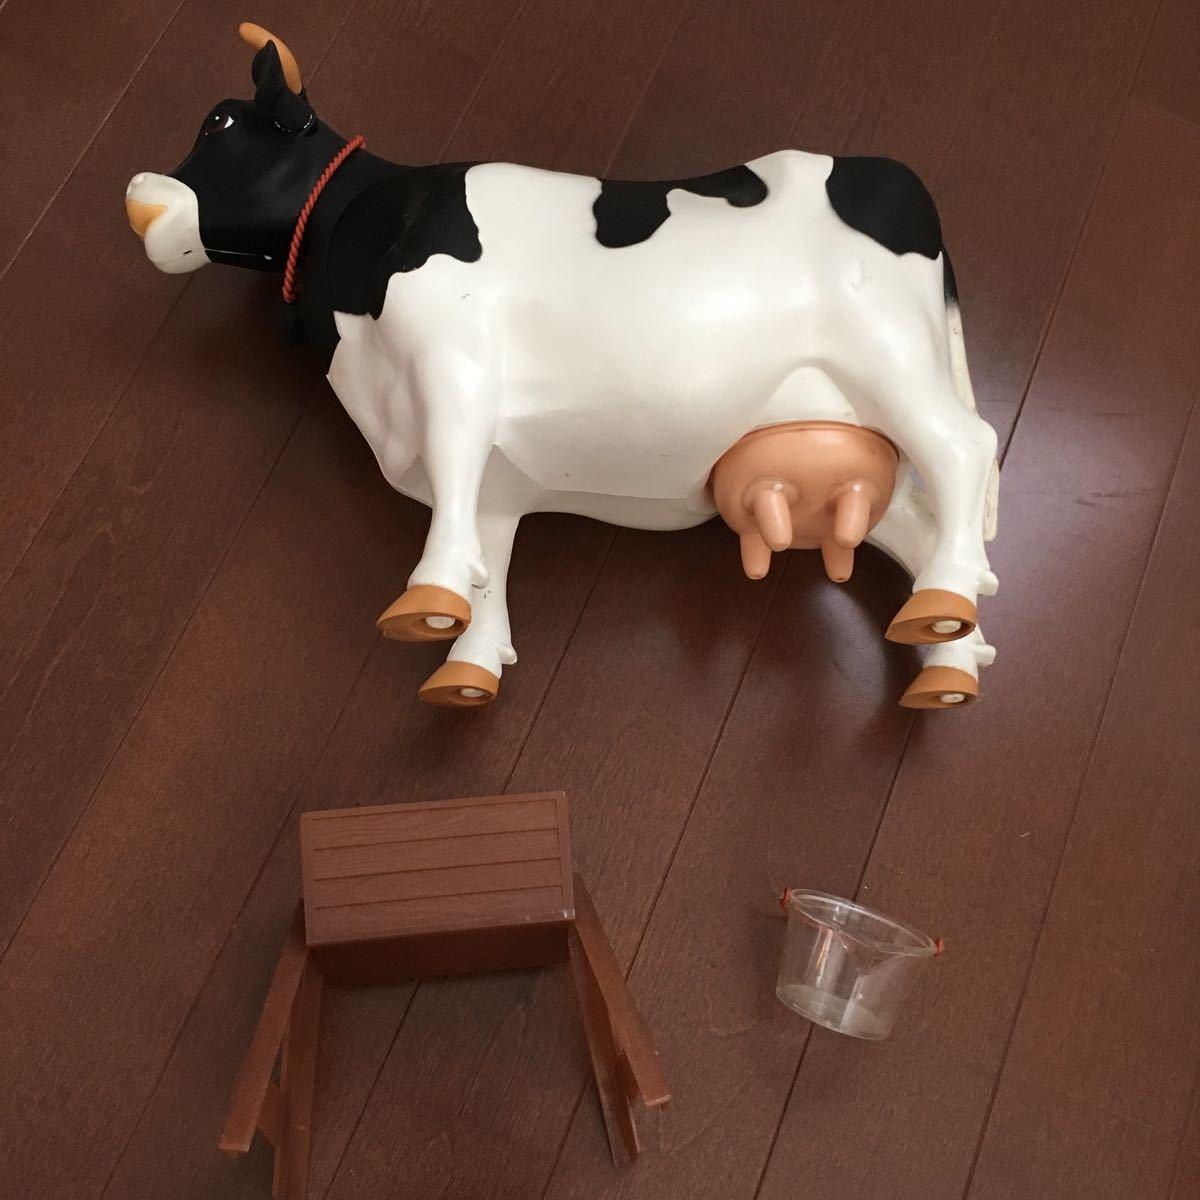 入手困難!ミルクモウモウ ツクダオリジナル 昭和レトロ ビンテージ玩具 MILK MOUMOU 知育玩具 牛 フィギュア ホルスタイン乳牛 搾乳_画像10